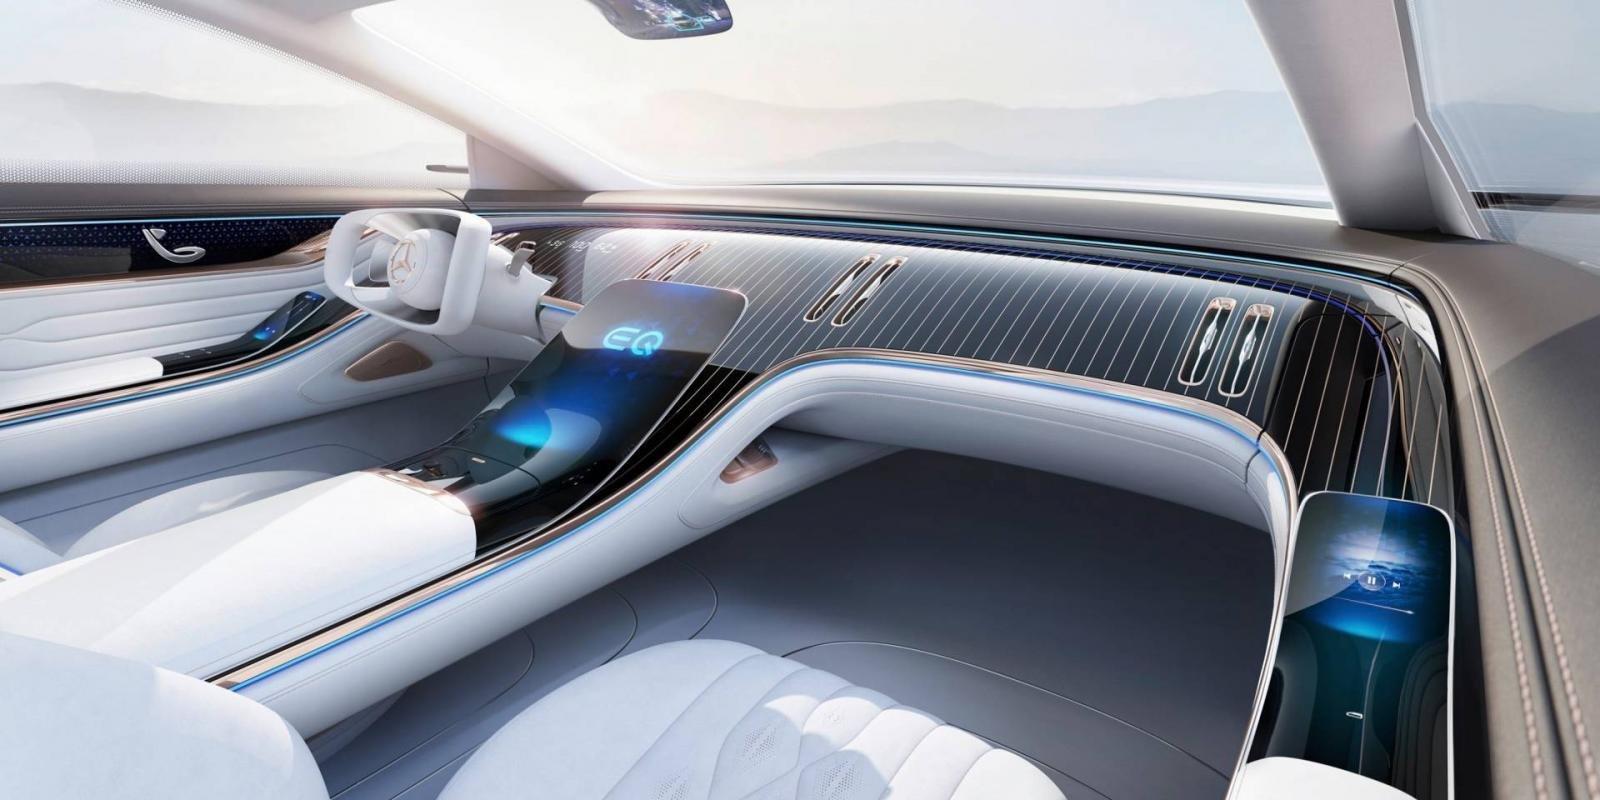 Bảng điều khiển trung tâm là màn hình cỡ lớn uốn cong từ bệ tì tay đặt giữa hai dãy ghế.